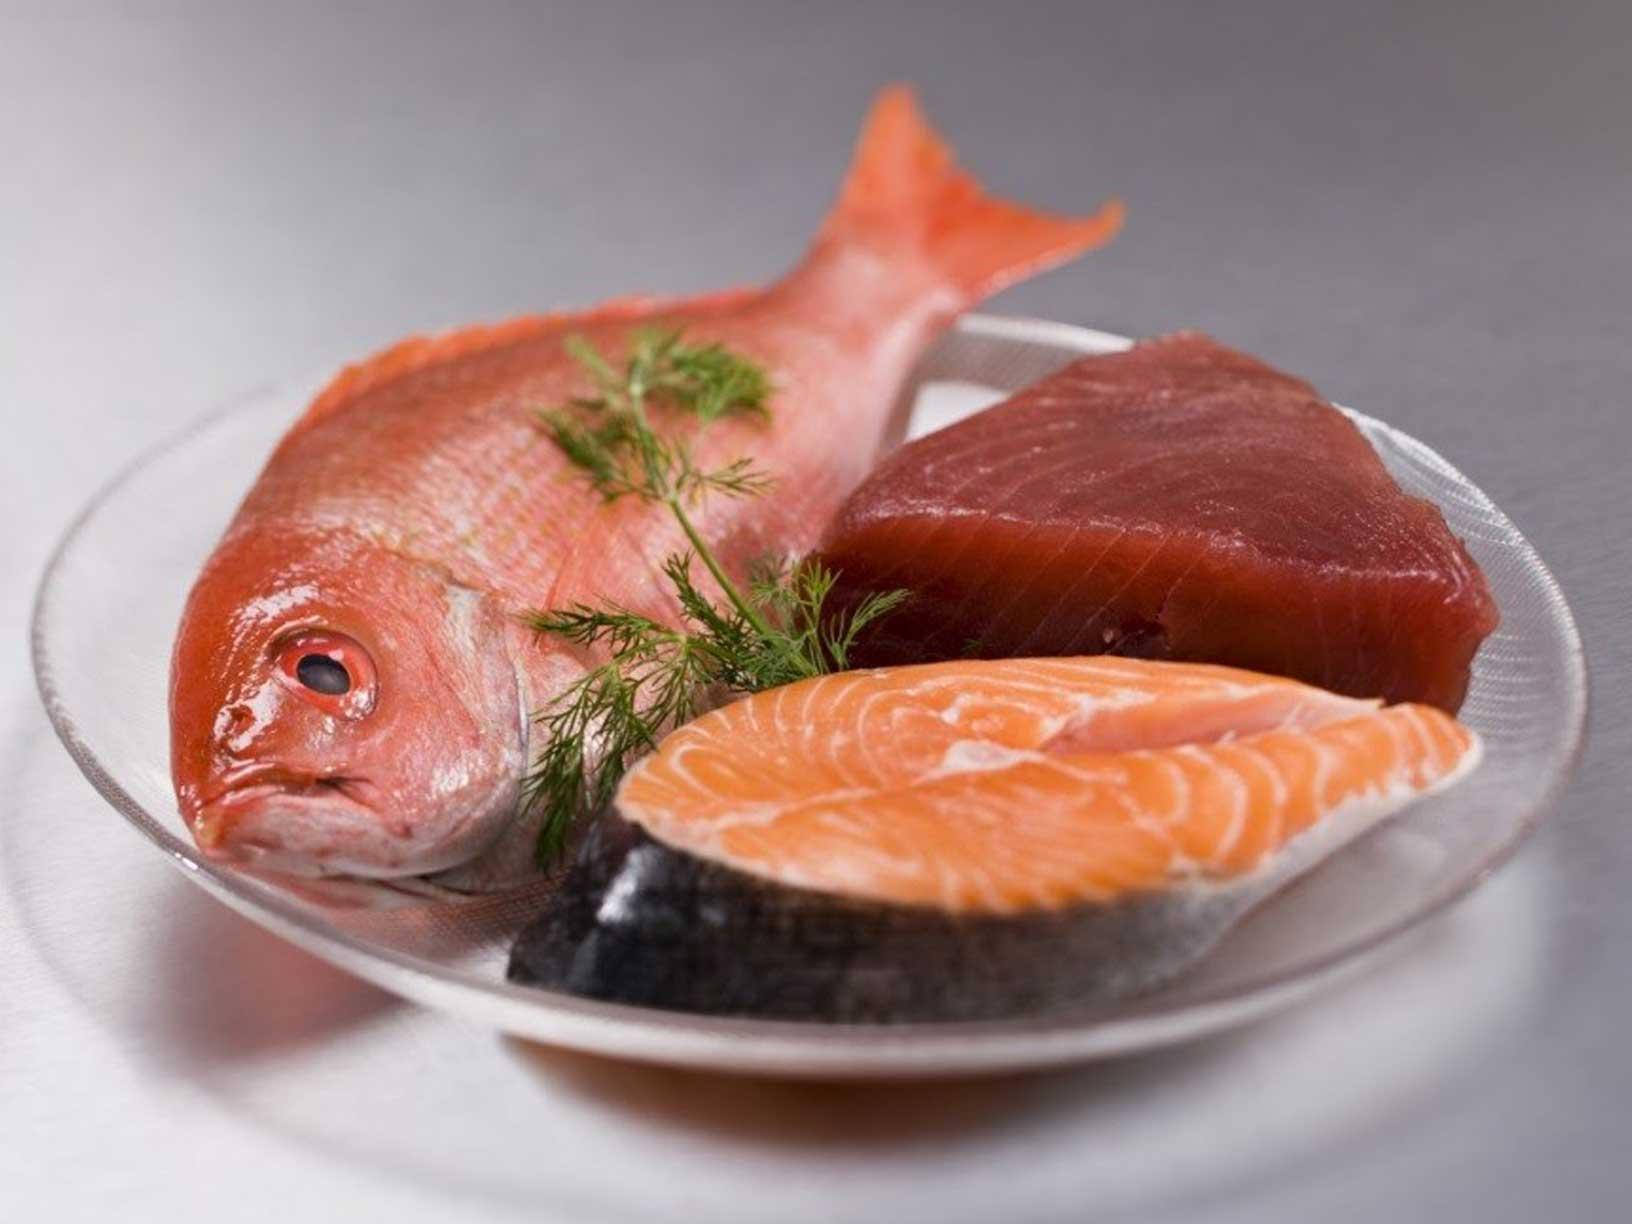 تاثیر ماهی و سلامت جنسی